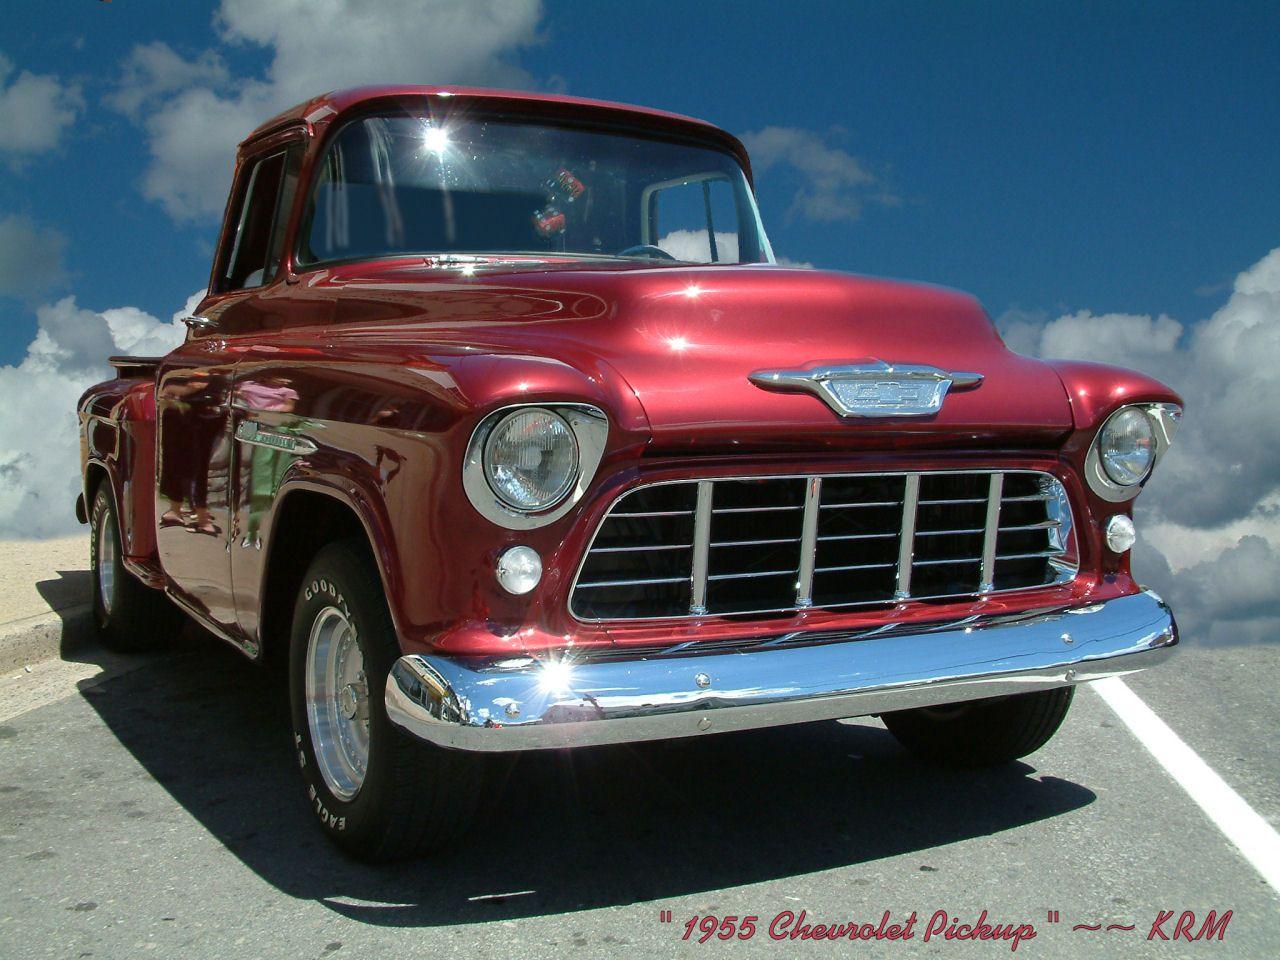 1955 Chevrolet Pickup Transport Wallpaper Image Featuring Cars Chevy Trucks Chevrolet Pickup Chevrolet Trucks